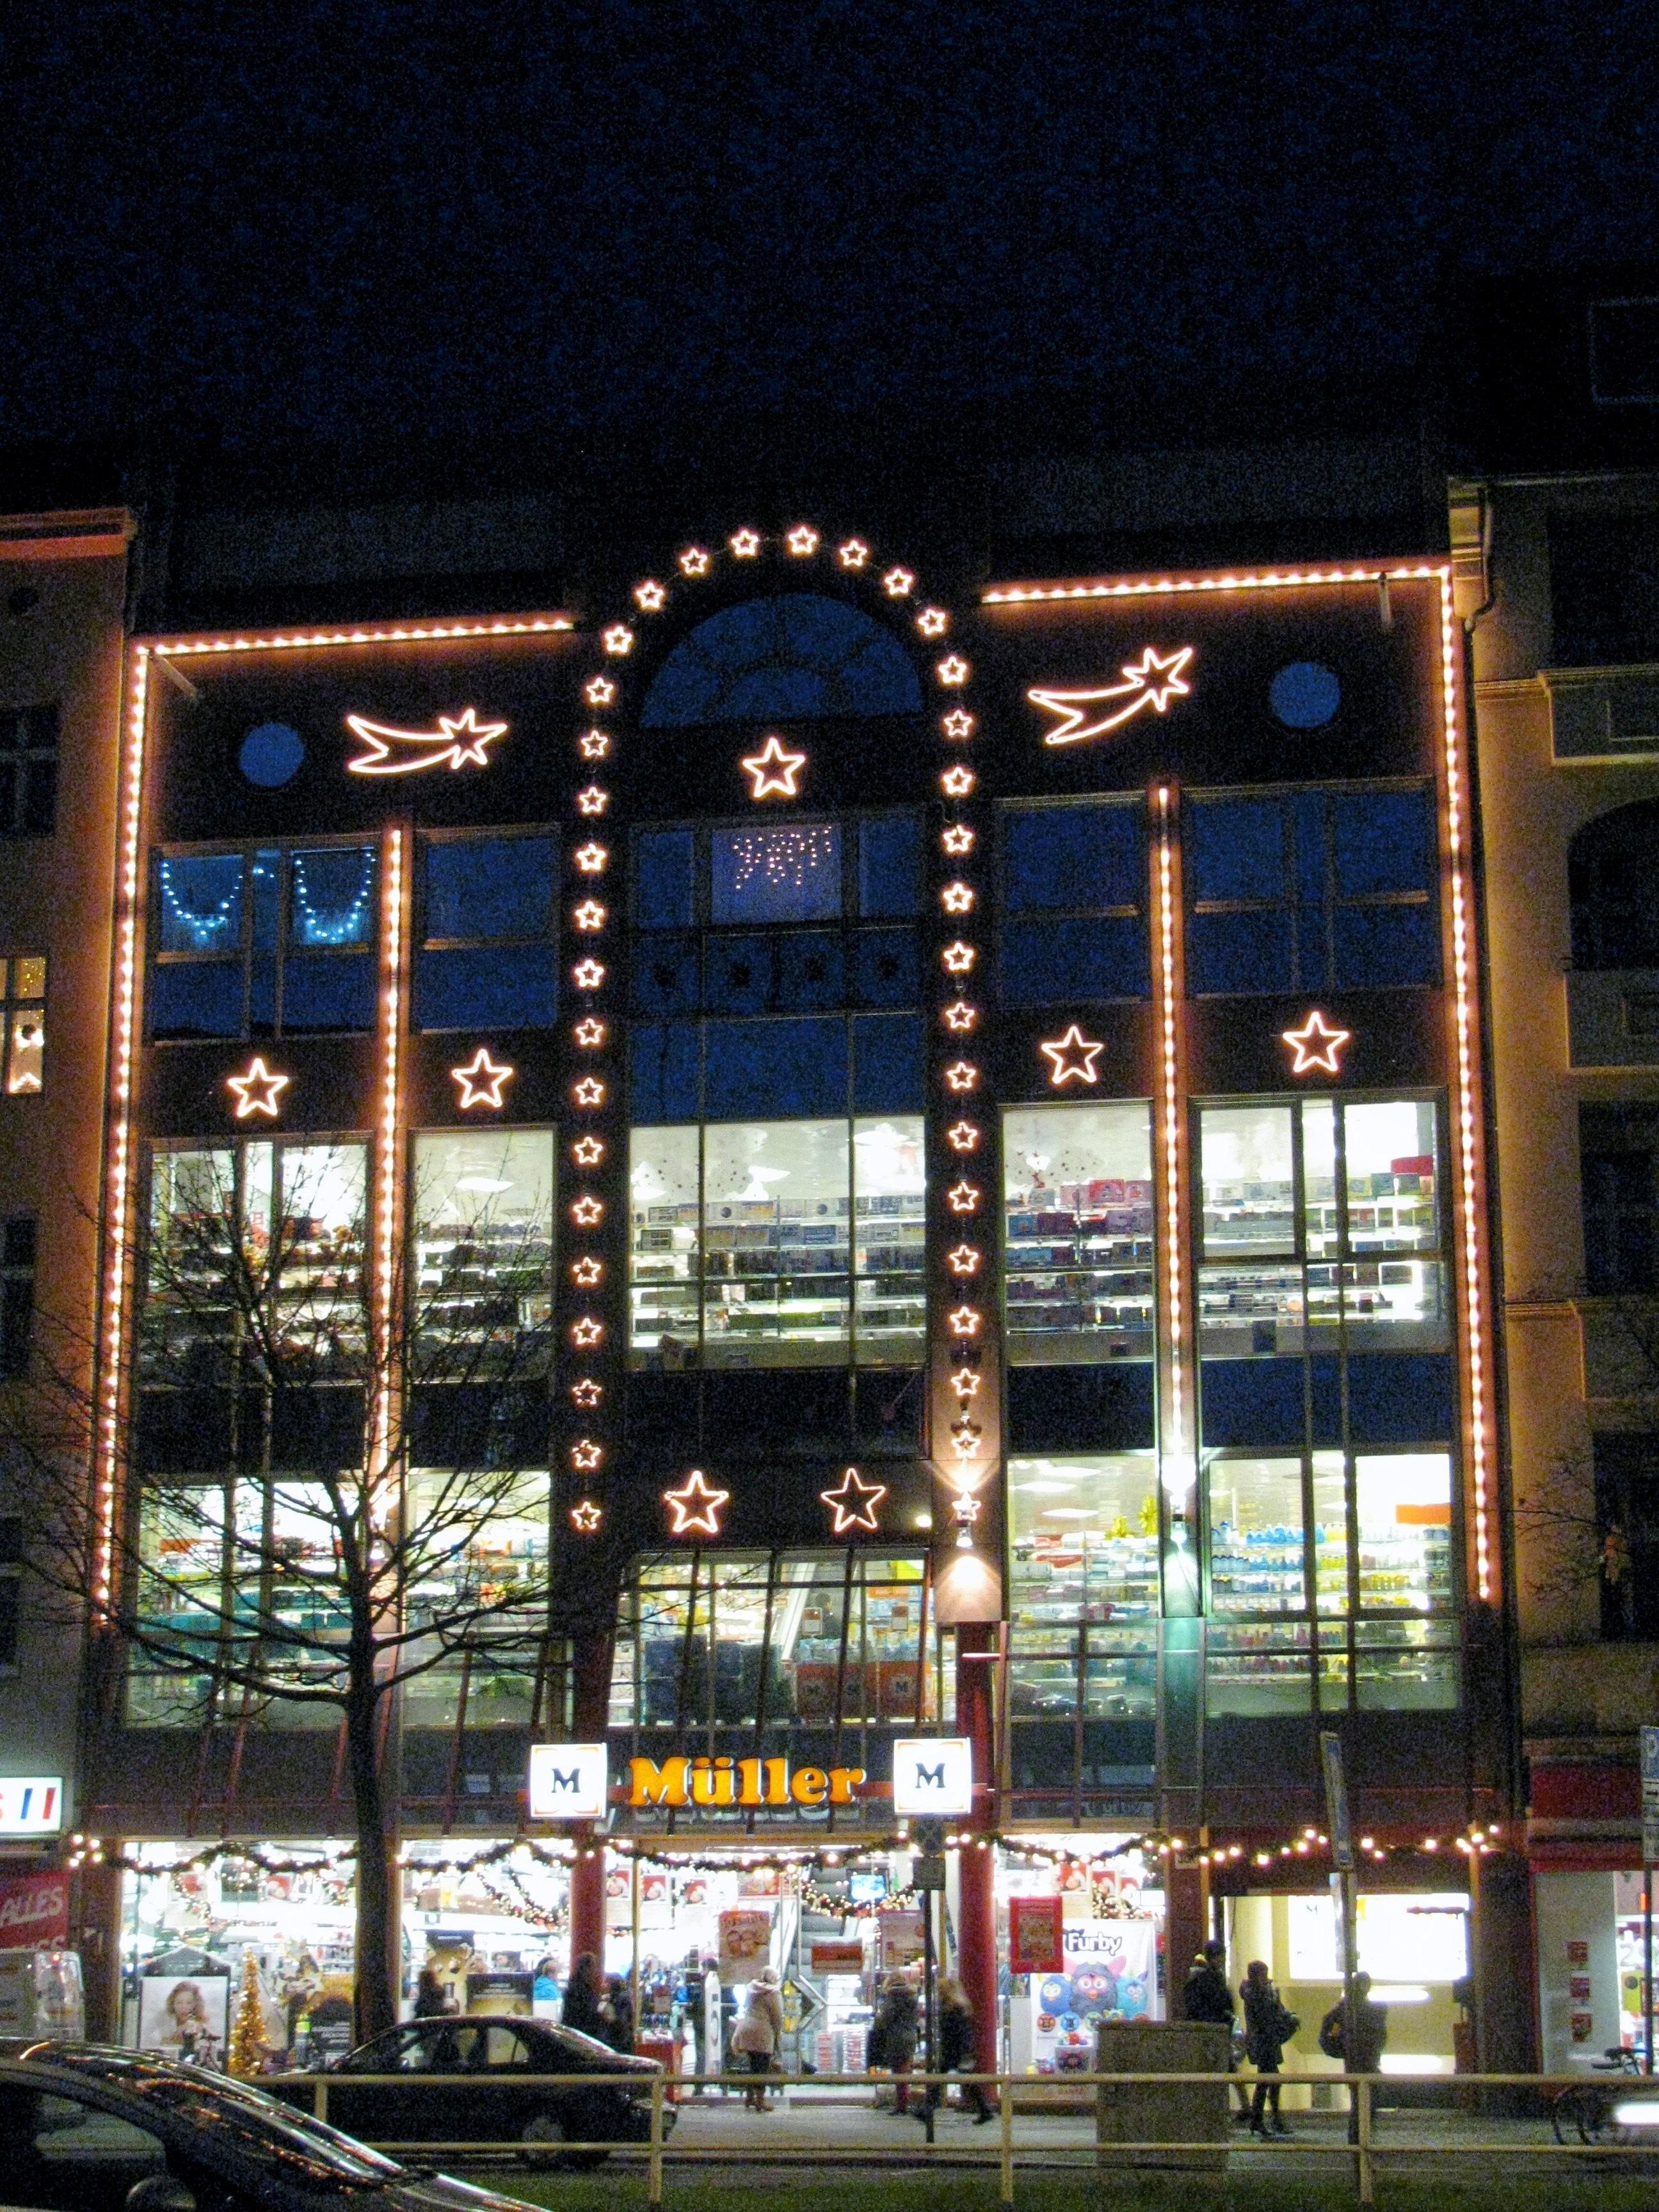 Weihnachtsdeko Laden Berlin.Mh Müller Handels Gmbh 13353 Berlin Wedding öffnungszeiten